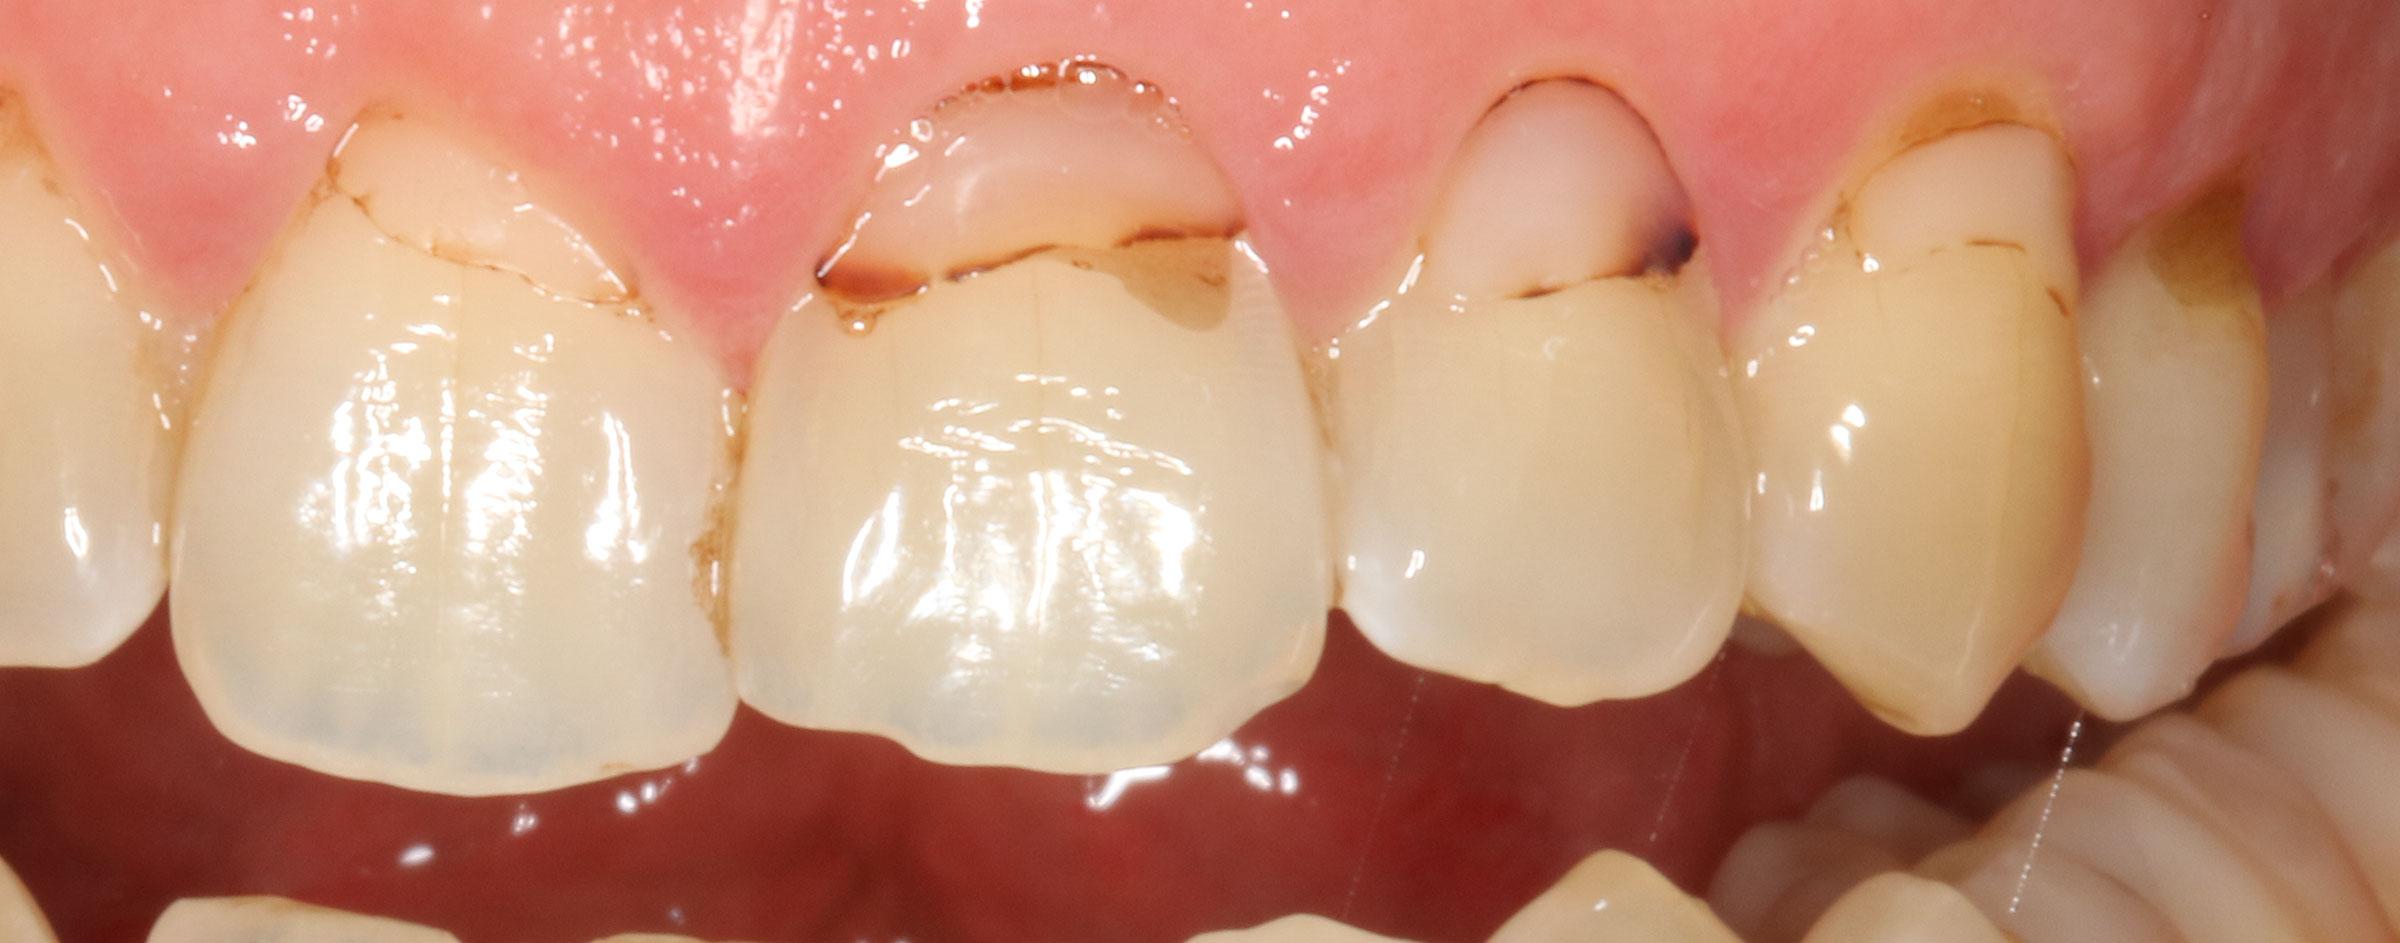 Zahnhalsfuellungen-insuff